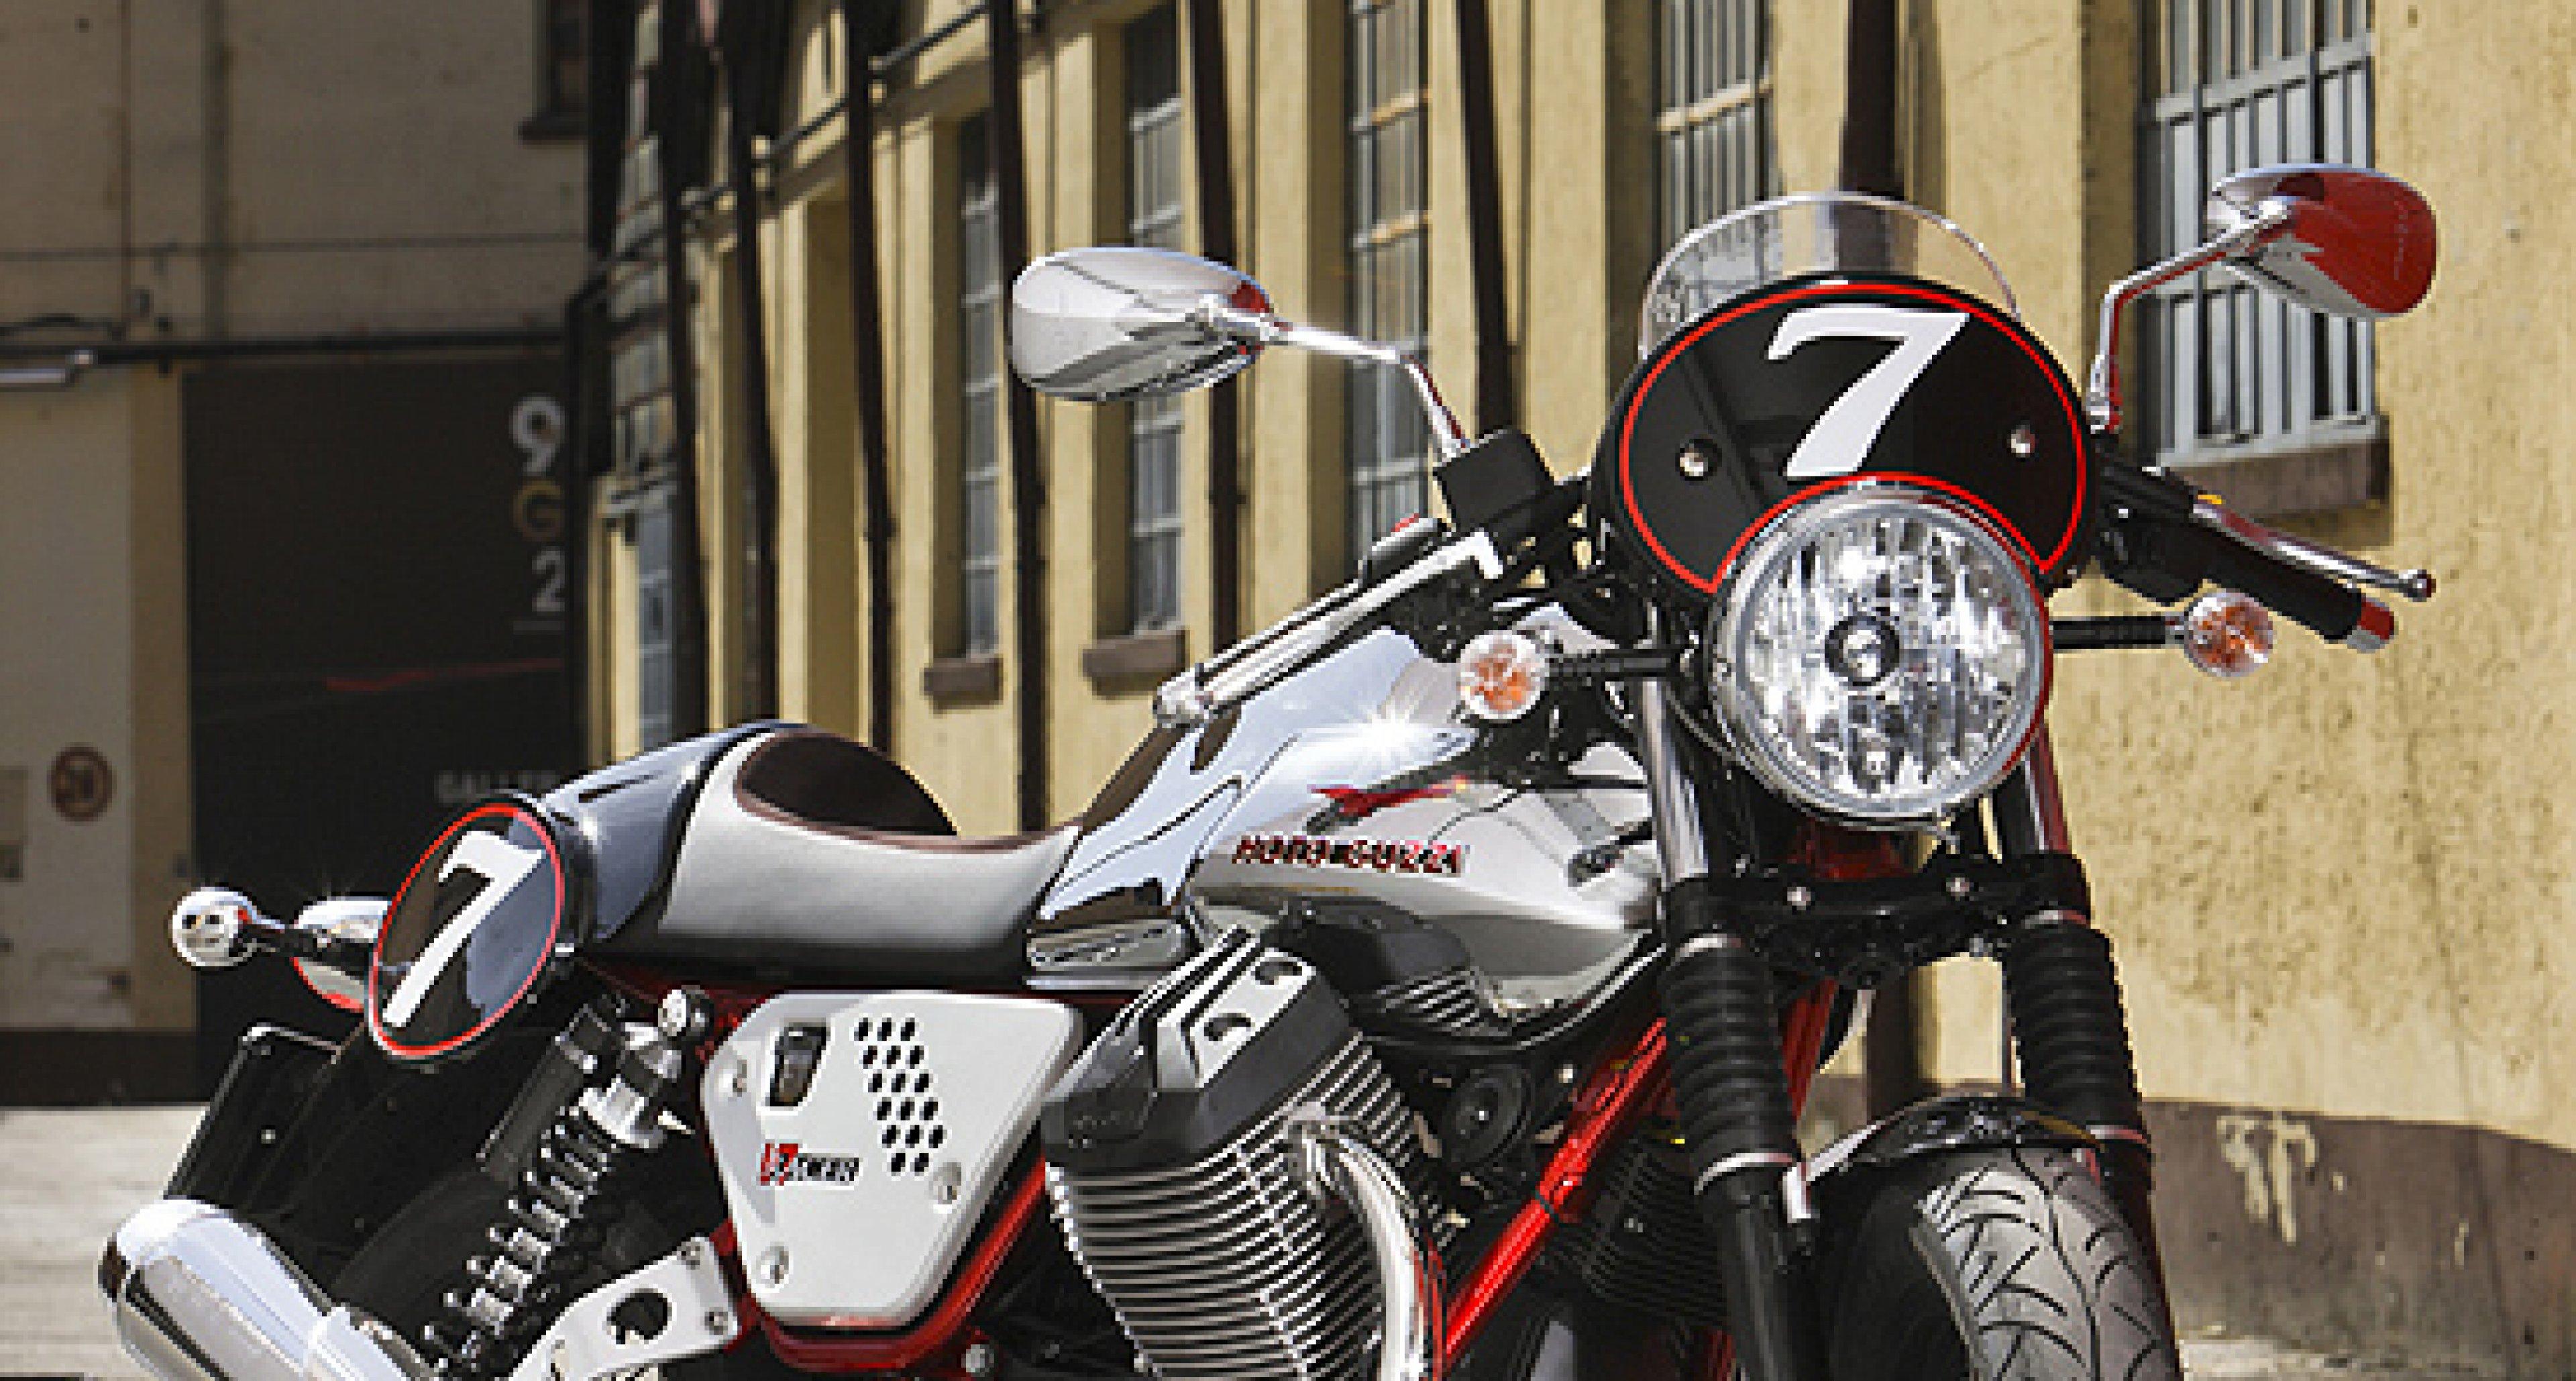 Moto Guzzi V7 Factory Kit: Look-a-Like